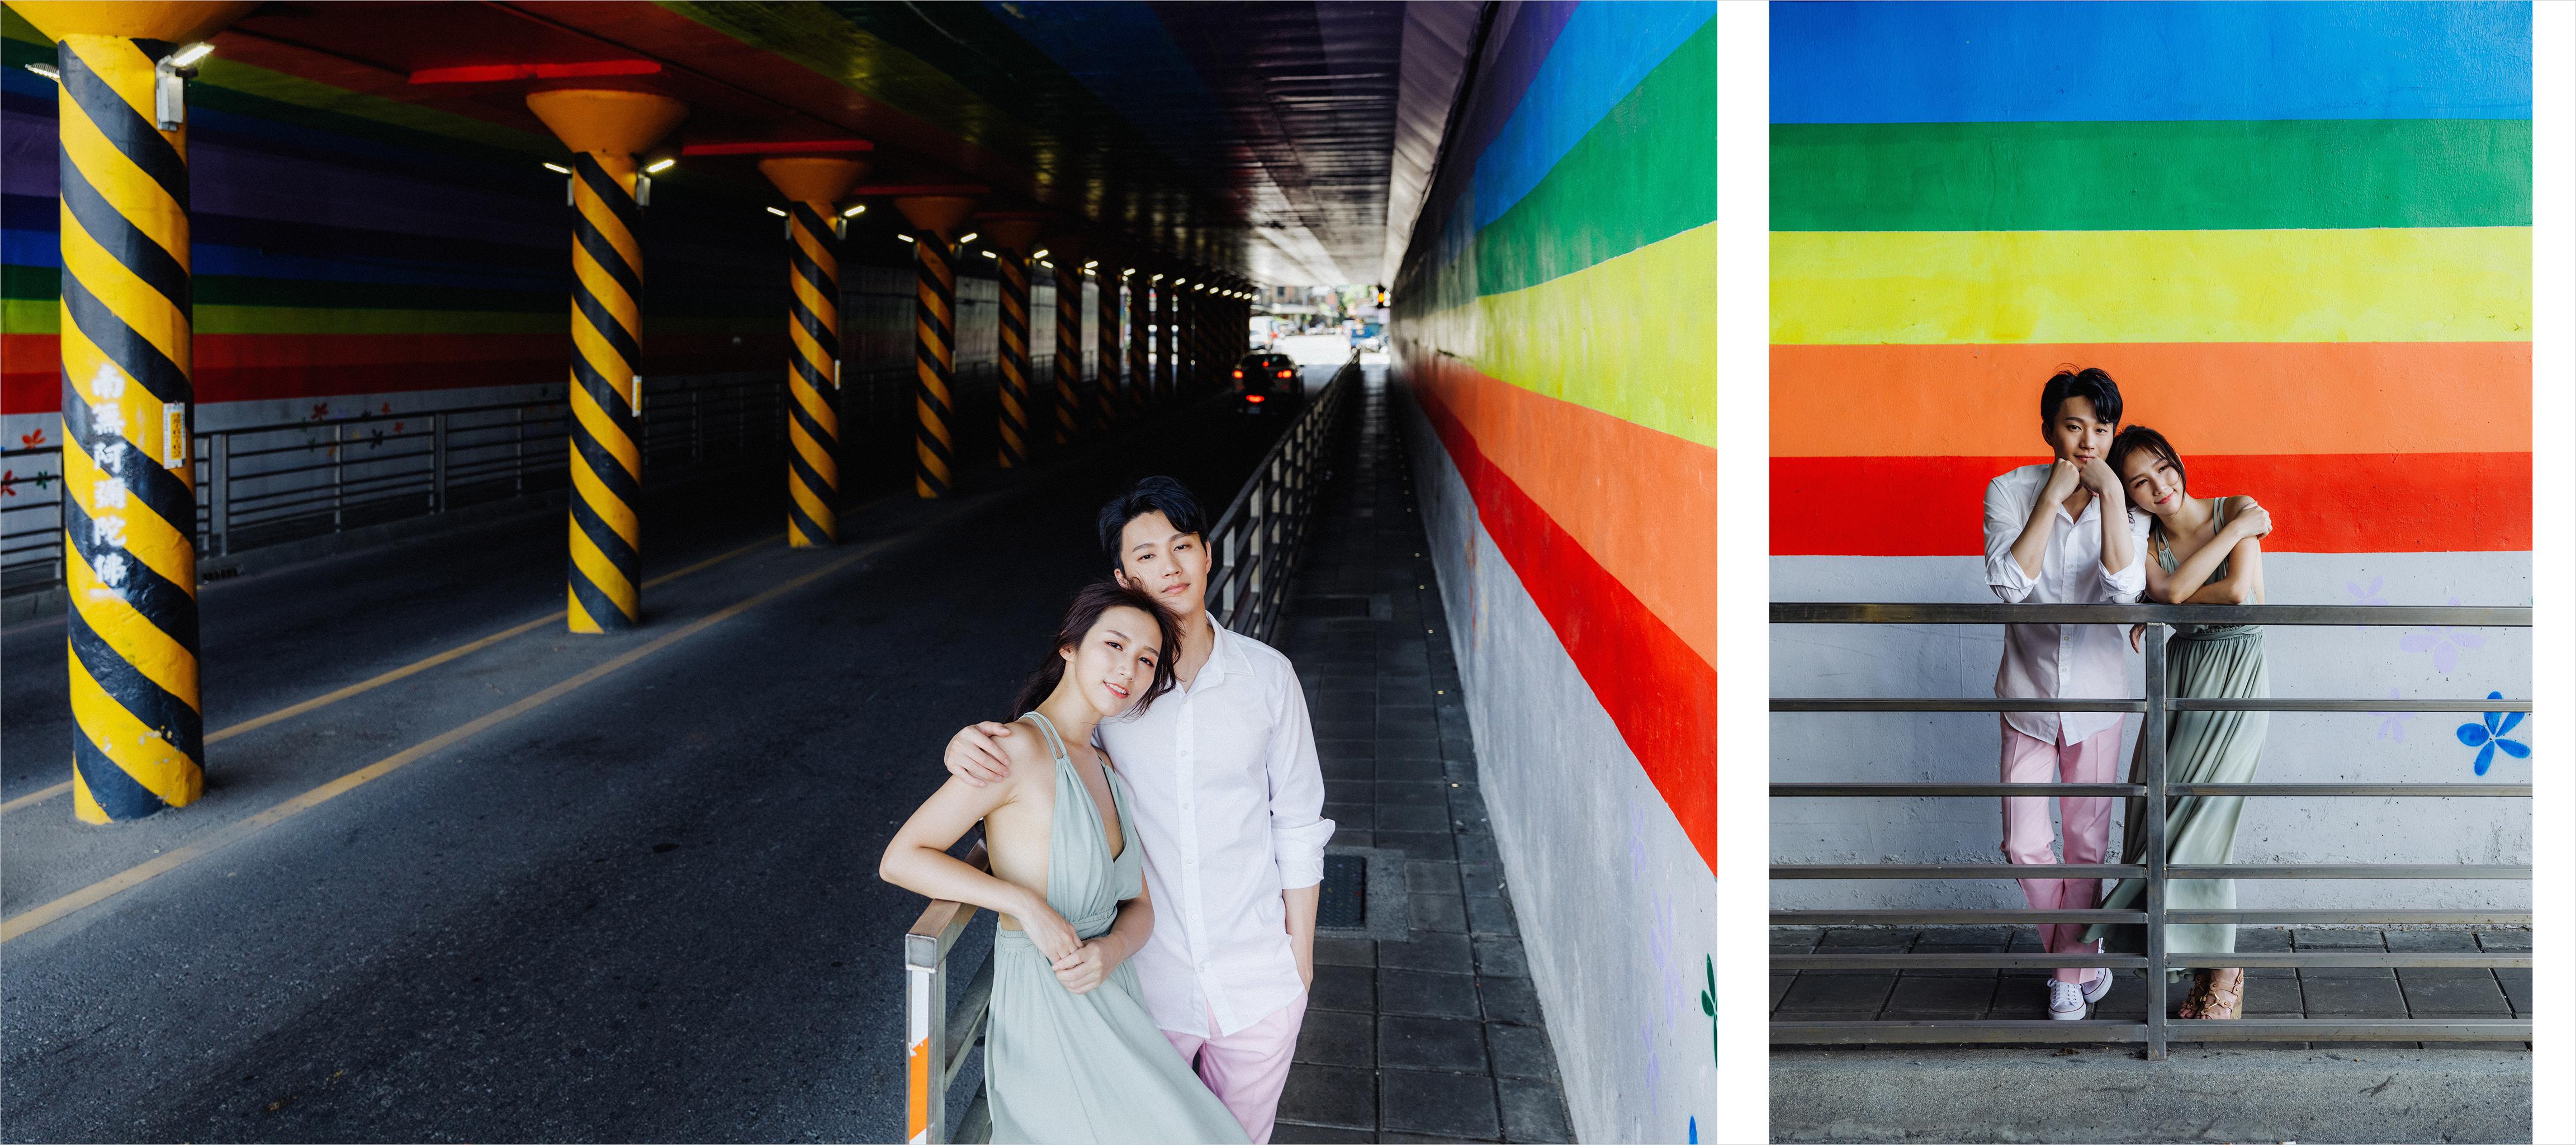 48592177261 974c62c98a o - 【自主婚紗】+Ying&Wiwi+